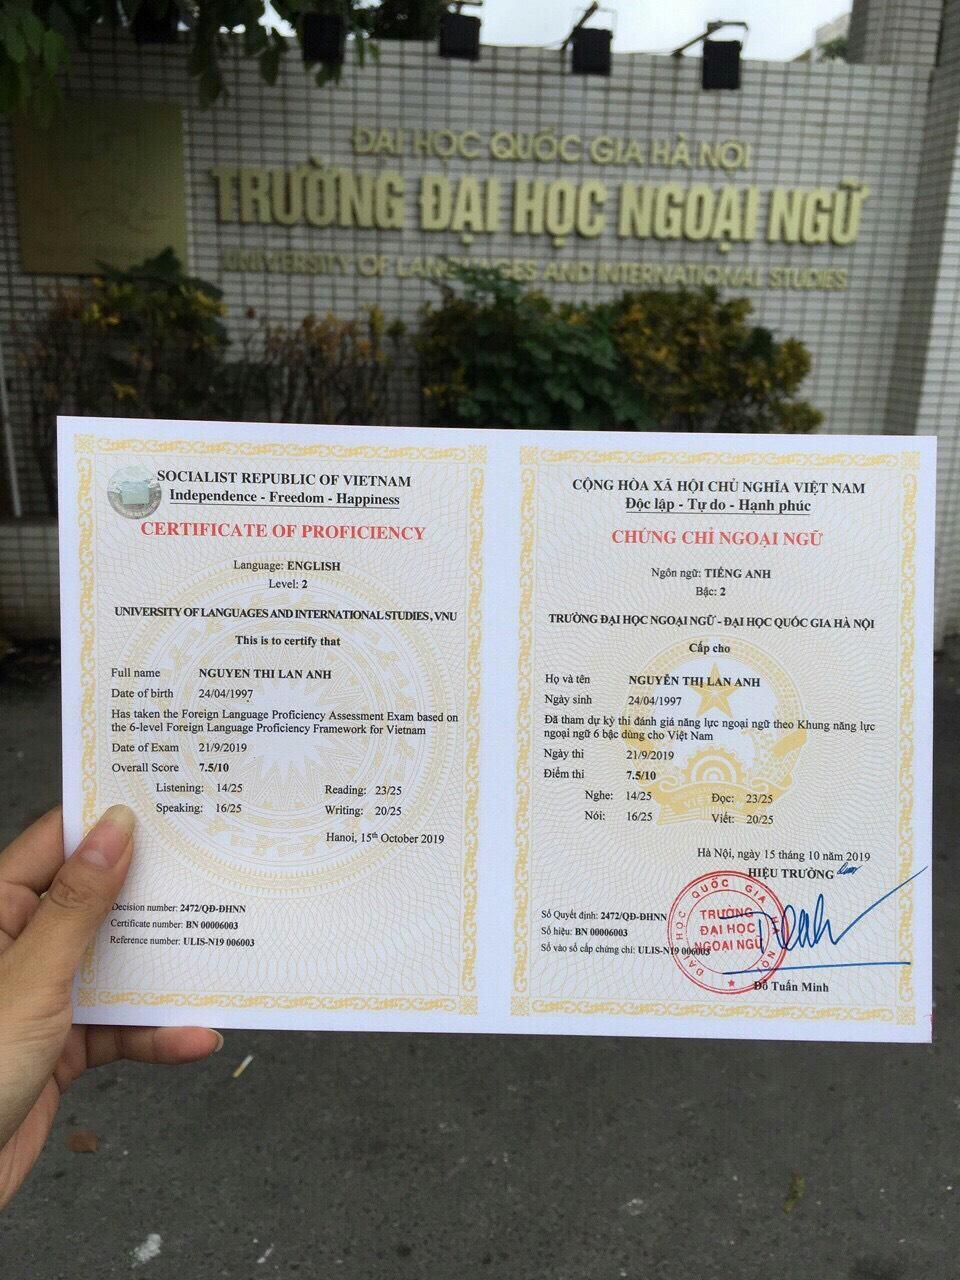 Chứng chỉ Bậc 2 (A2) trường Đại học Ngoại ngữ - Đại học quốc gia HN